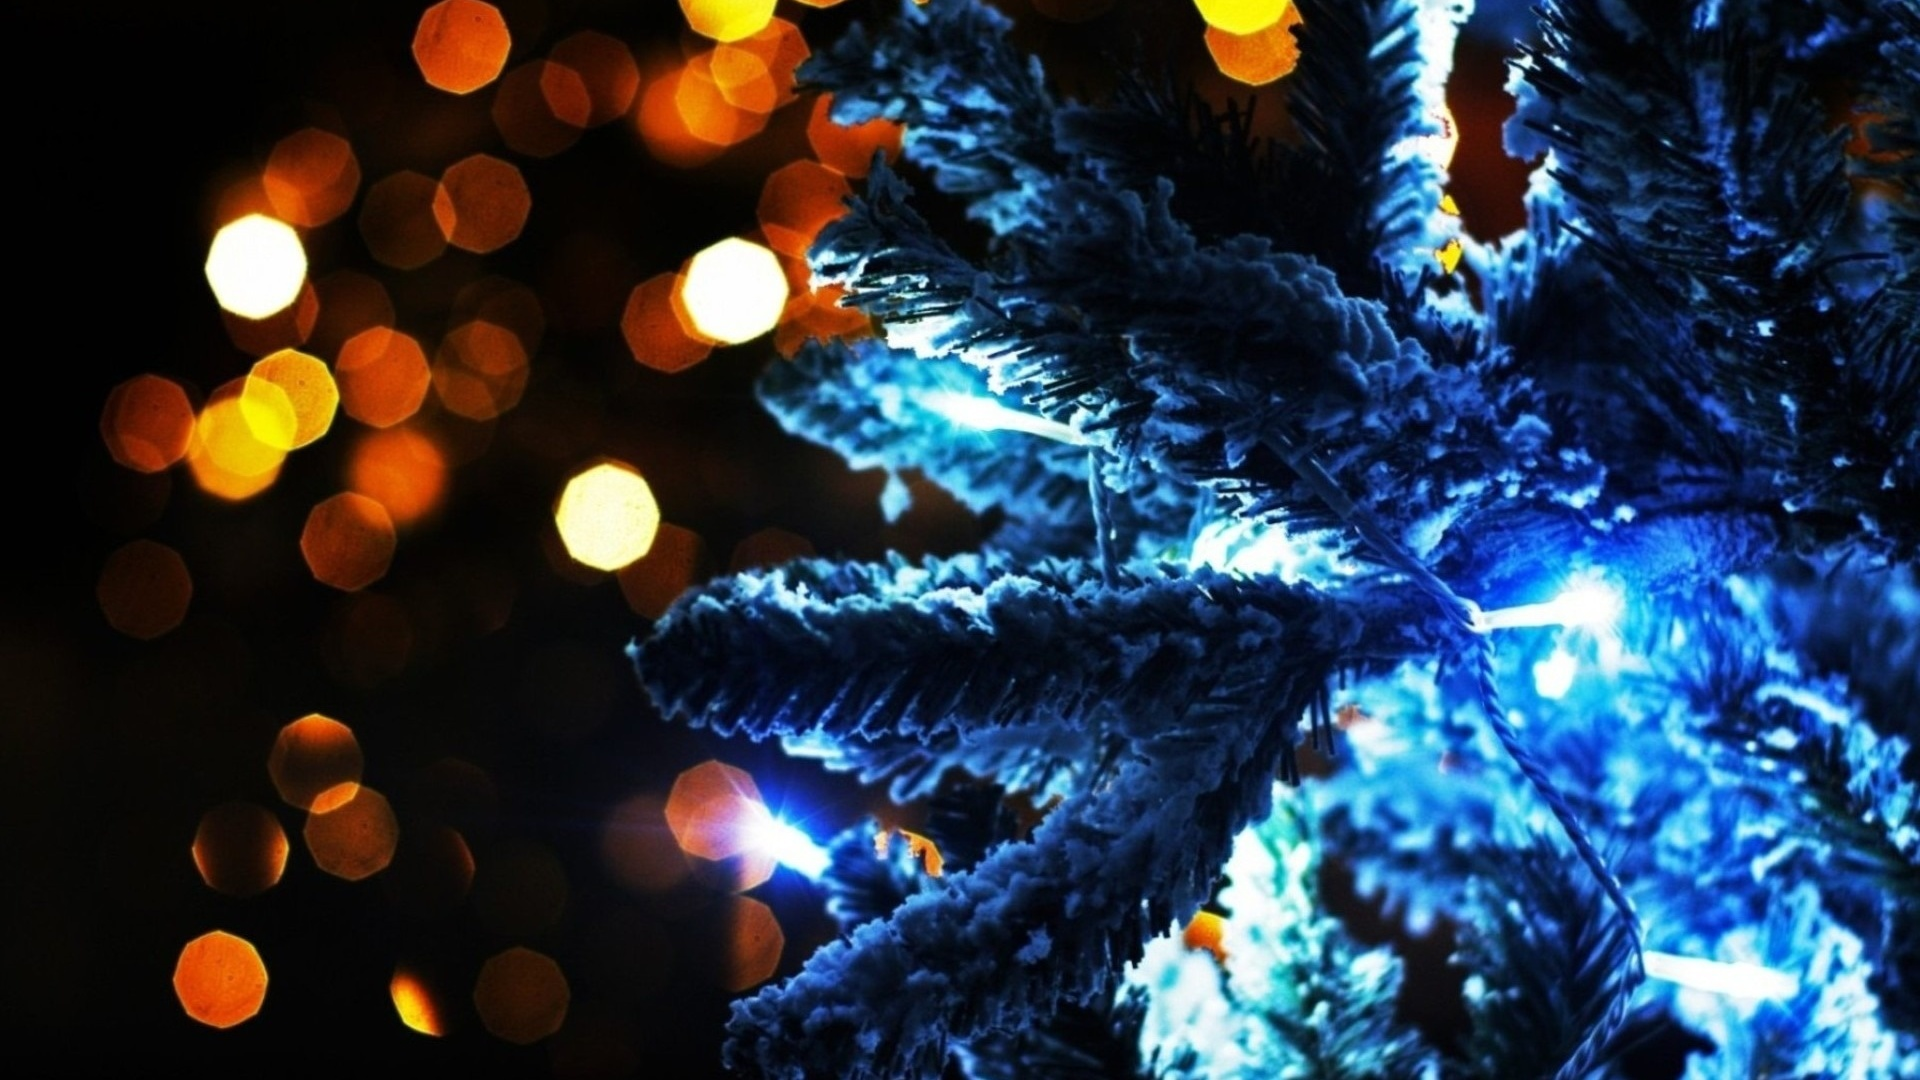 Новогоднее волшебство картинки красивые, картинки студентам